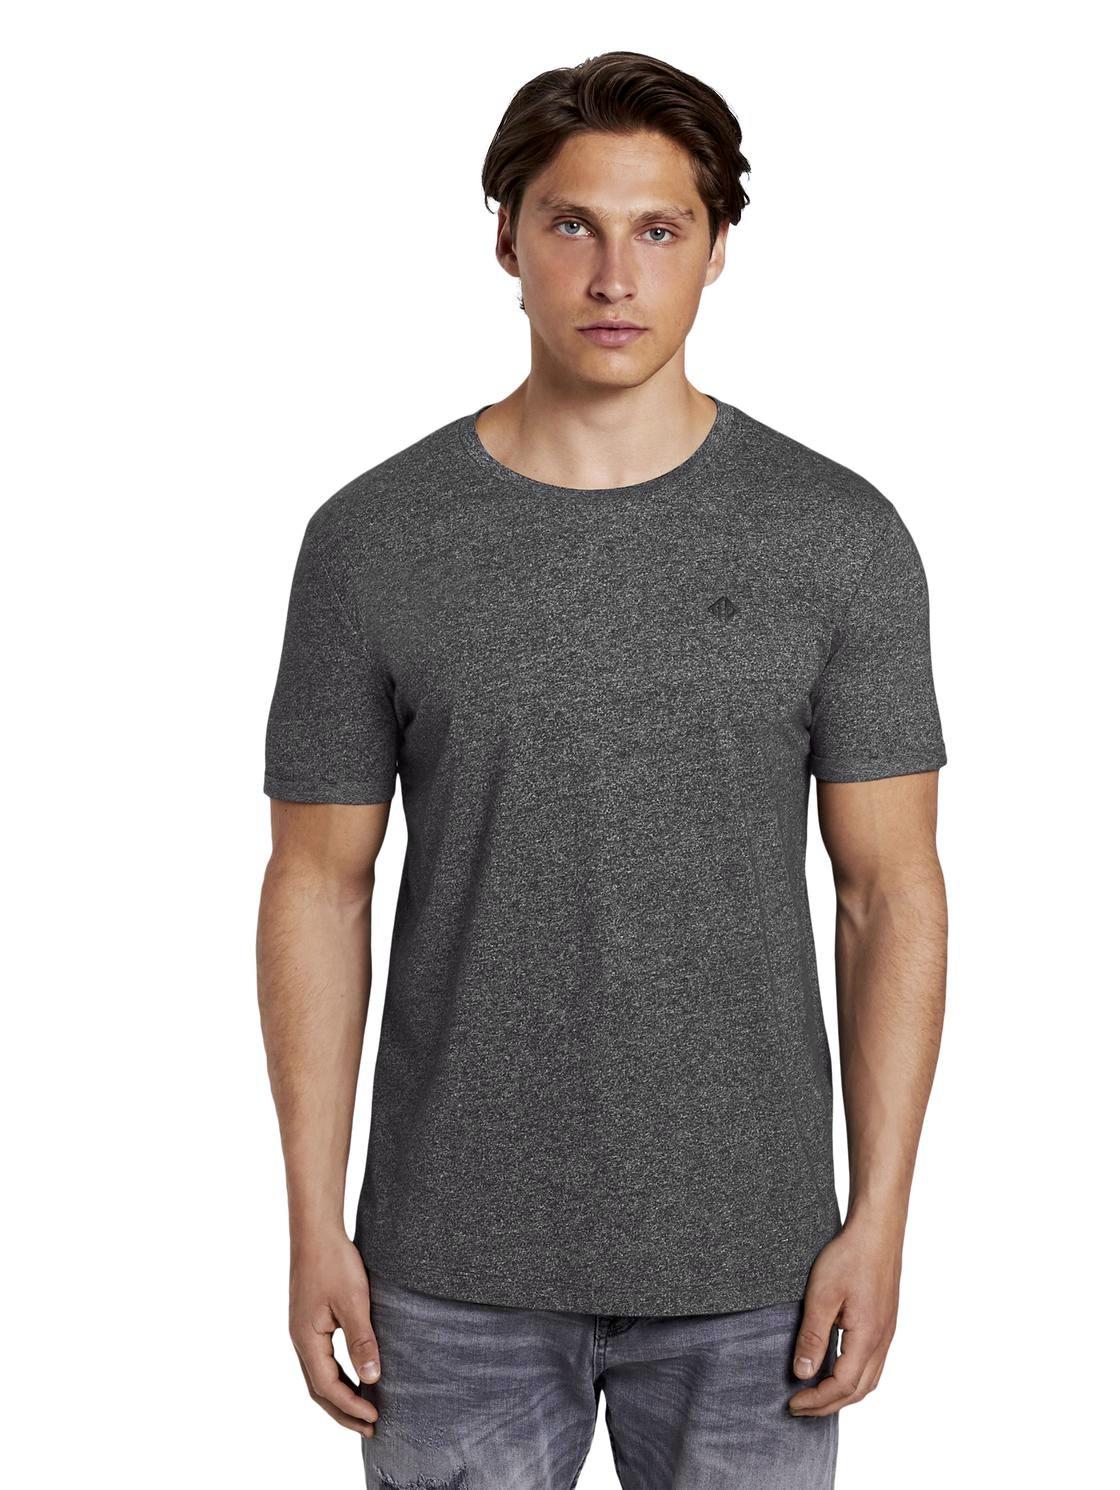 Tom Tailor Denim Basic Shirt Melange